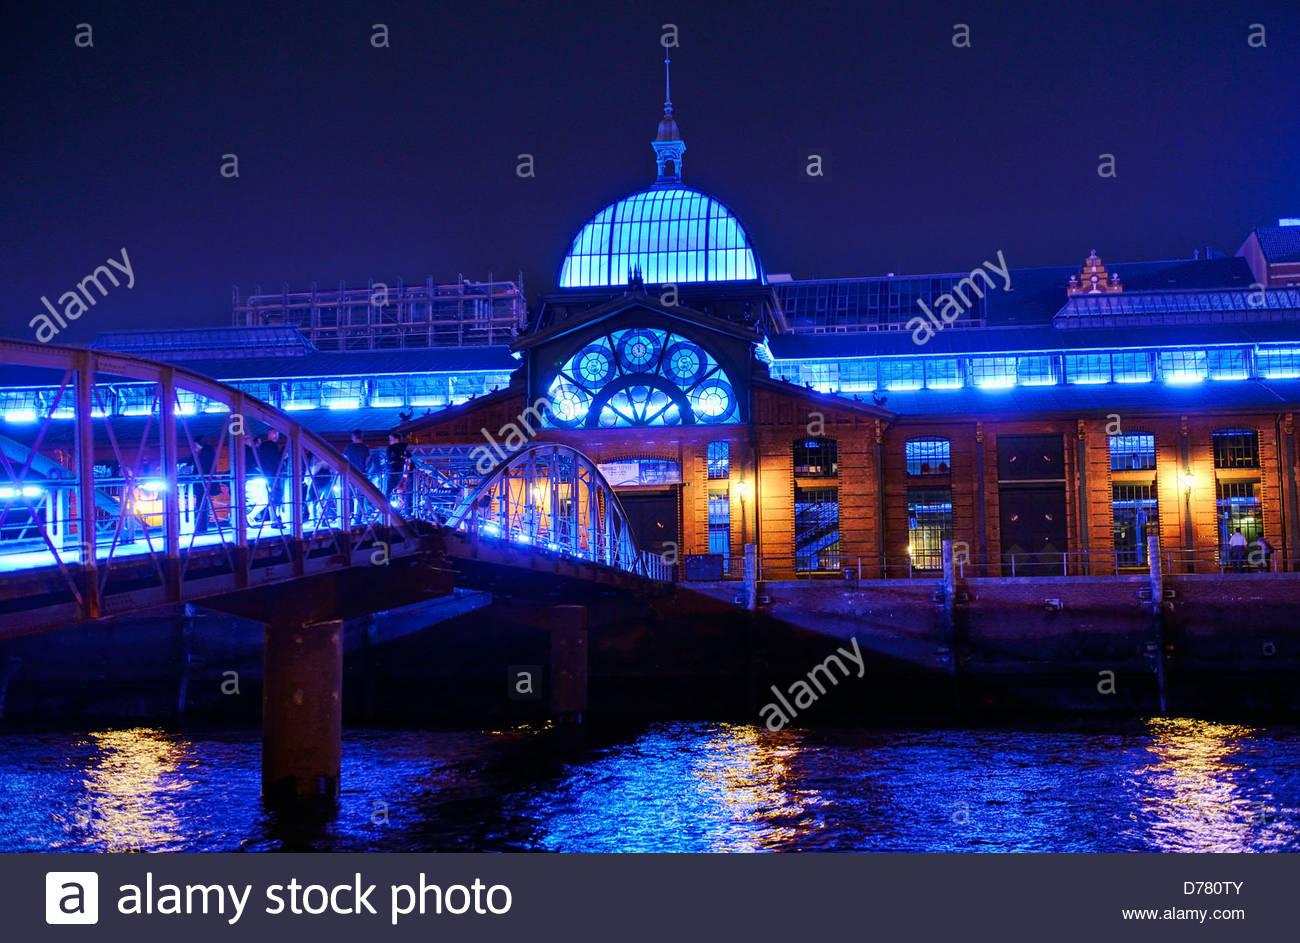 Beleuchtung Blue Port von Michael Batz, Fisch Auktionshalle in Hamburg, Deutschland, Europa Stockbild